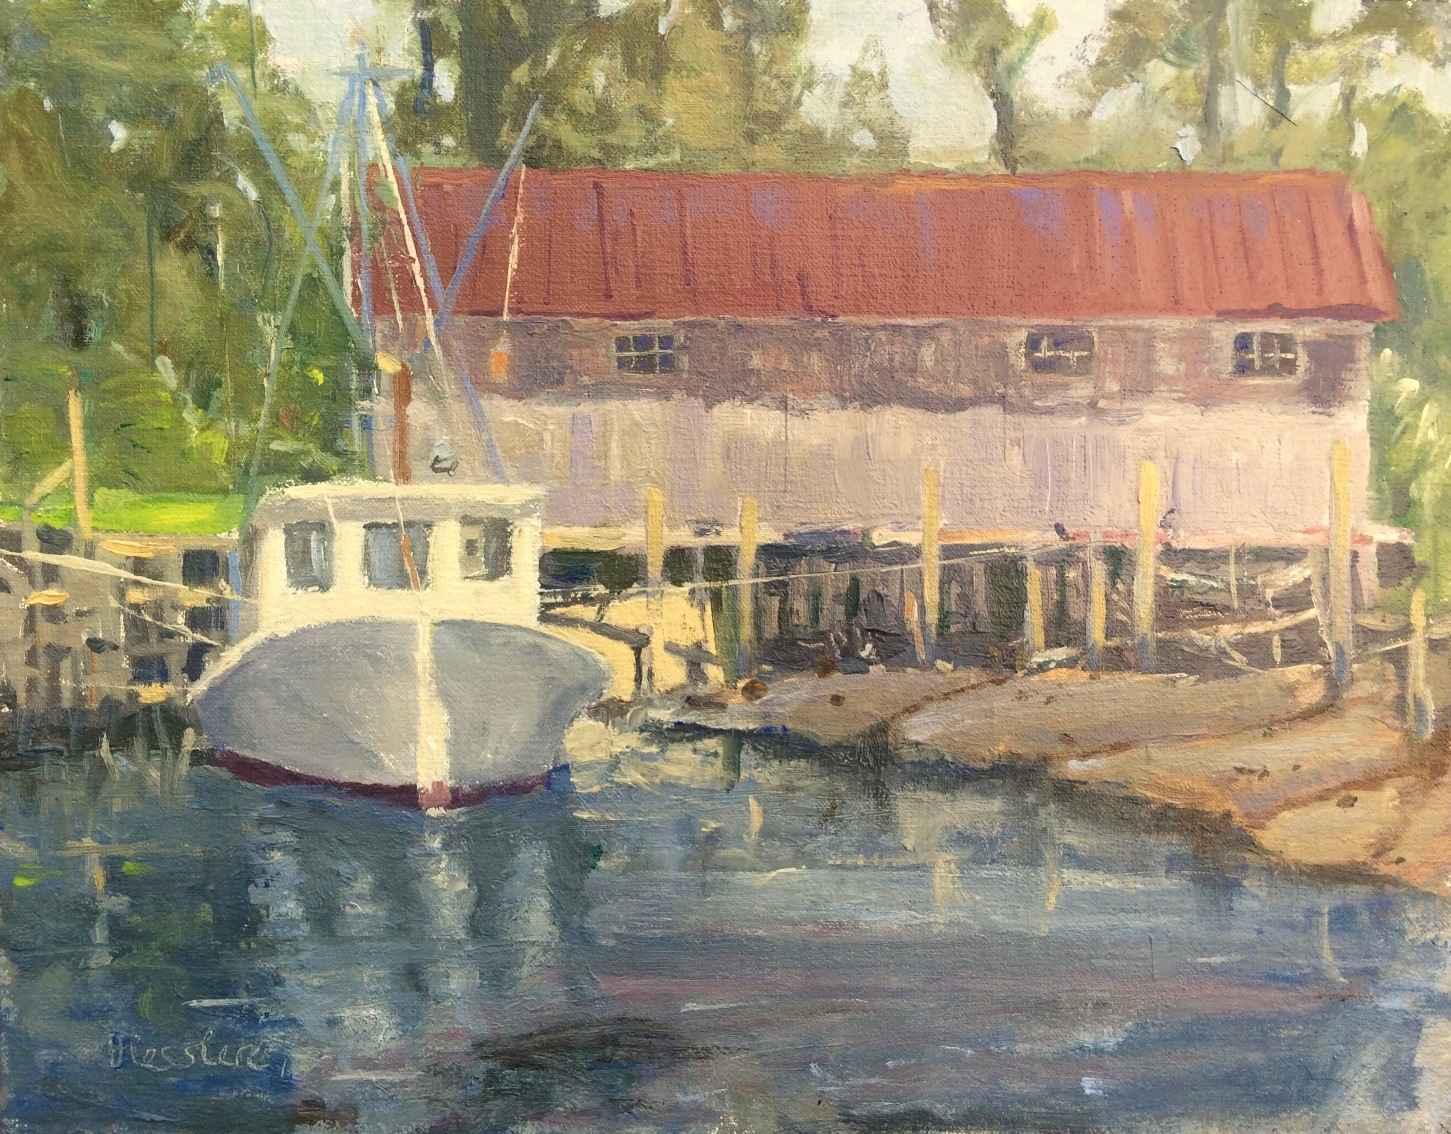 Low Tide, Davis by  Steve Hessler - Masterpiece Online